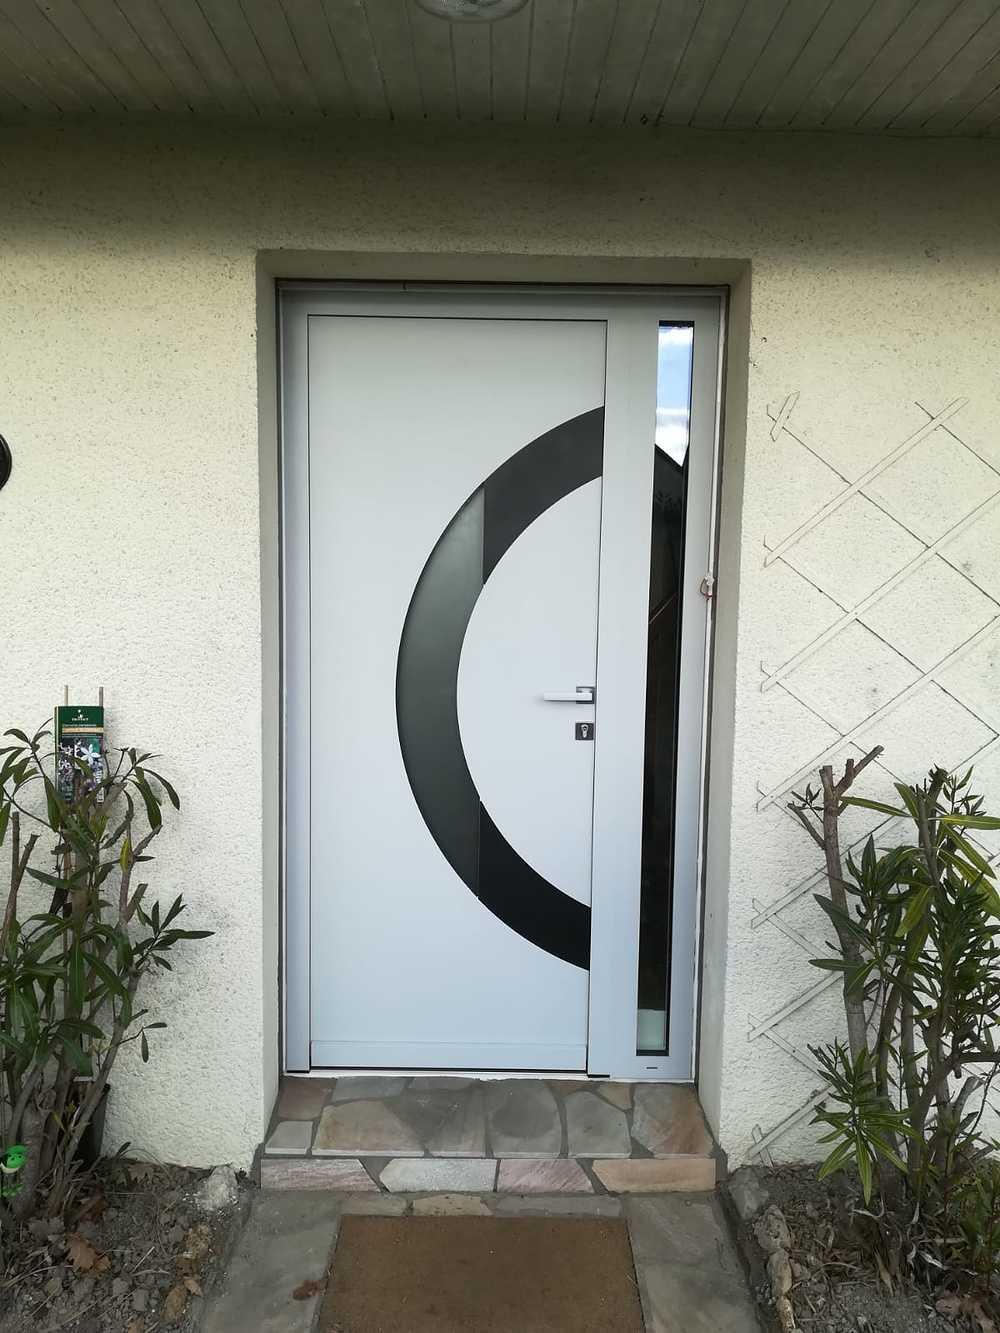 Rénovation porte d''entrée contemporaine alu blanc avec inclusion de vitrages et d''éléments graphiques 0